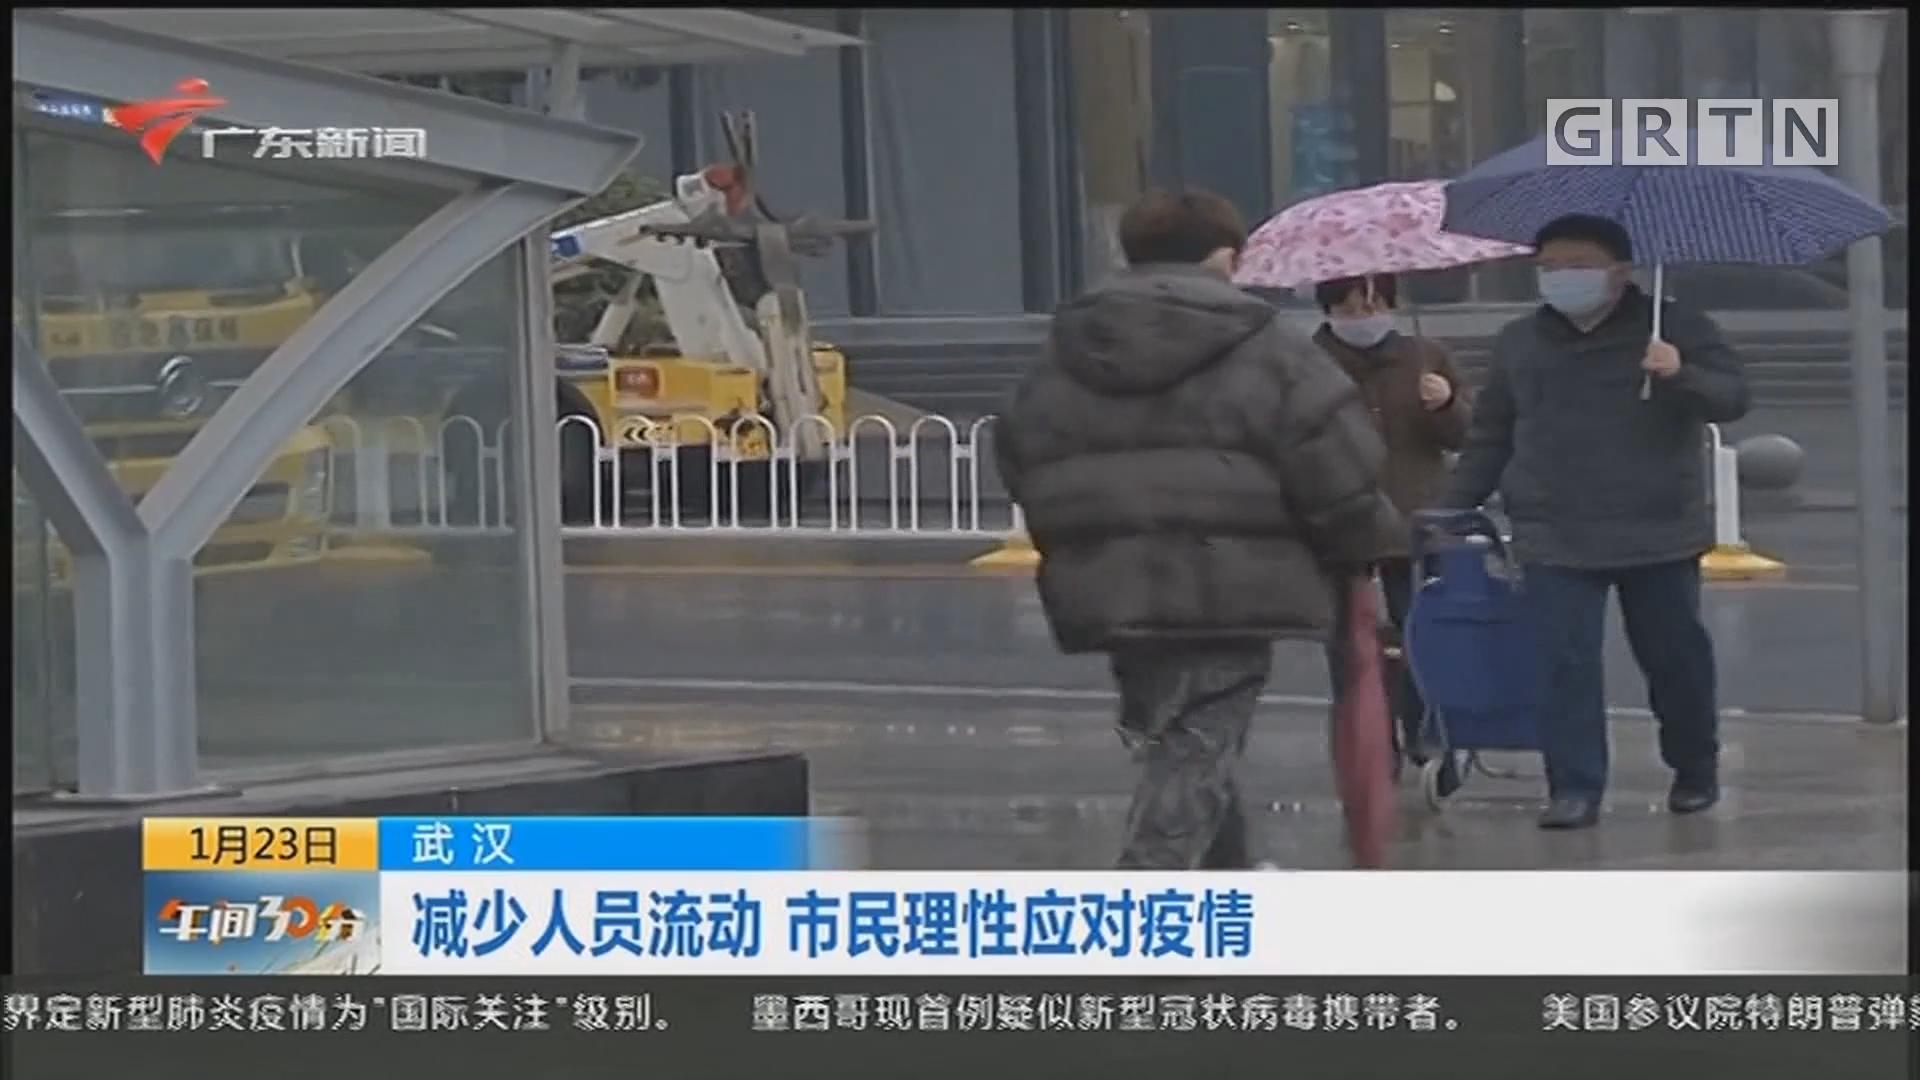 武汉:减少人员流动 市民理性应对疫情